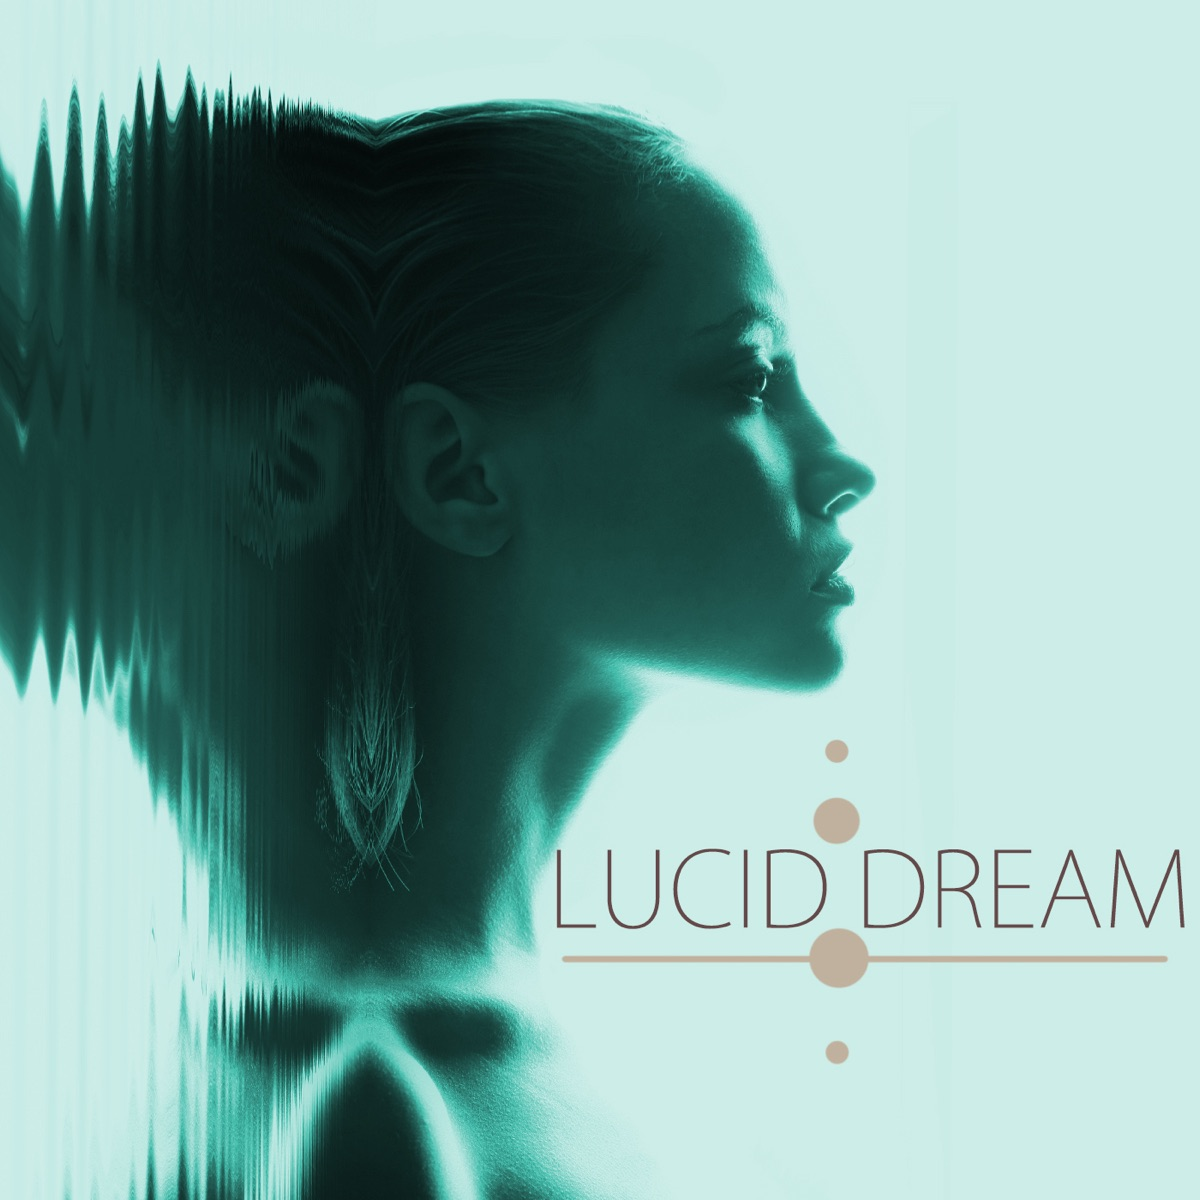 Lucid Dream - Dream Songs for Lucid Dreaming Deep Sleep Music